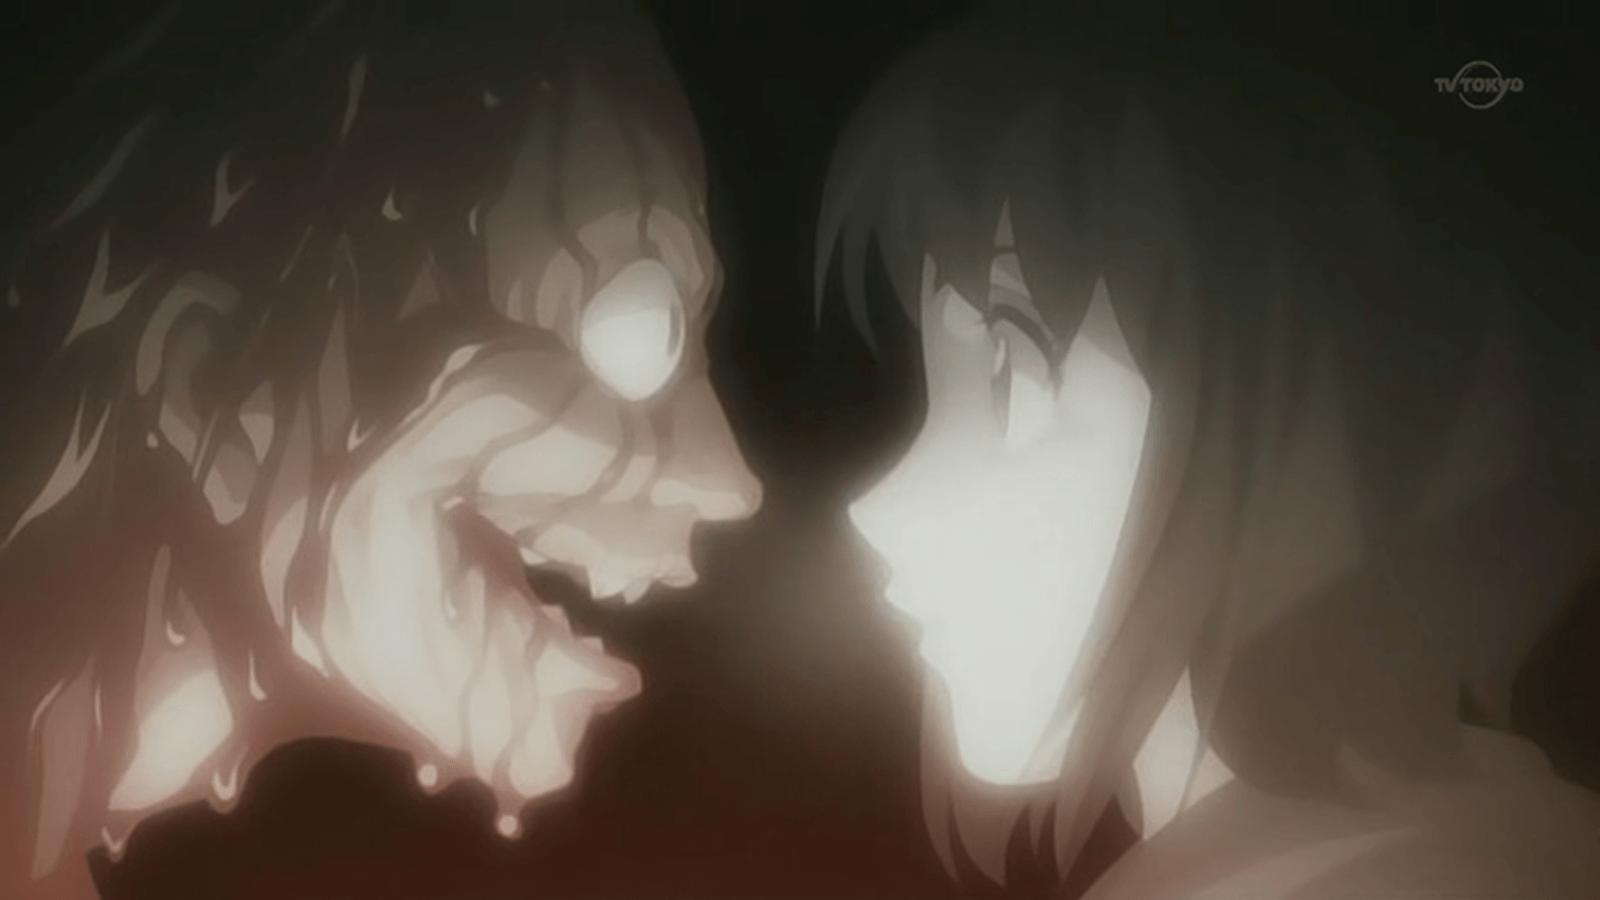 Unduh 6300 Koleksi Wallpaper Anime Horror Hd Gambar Gratis